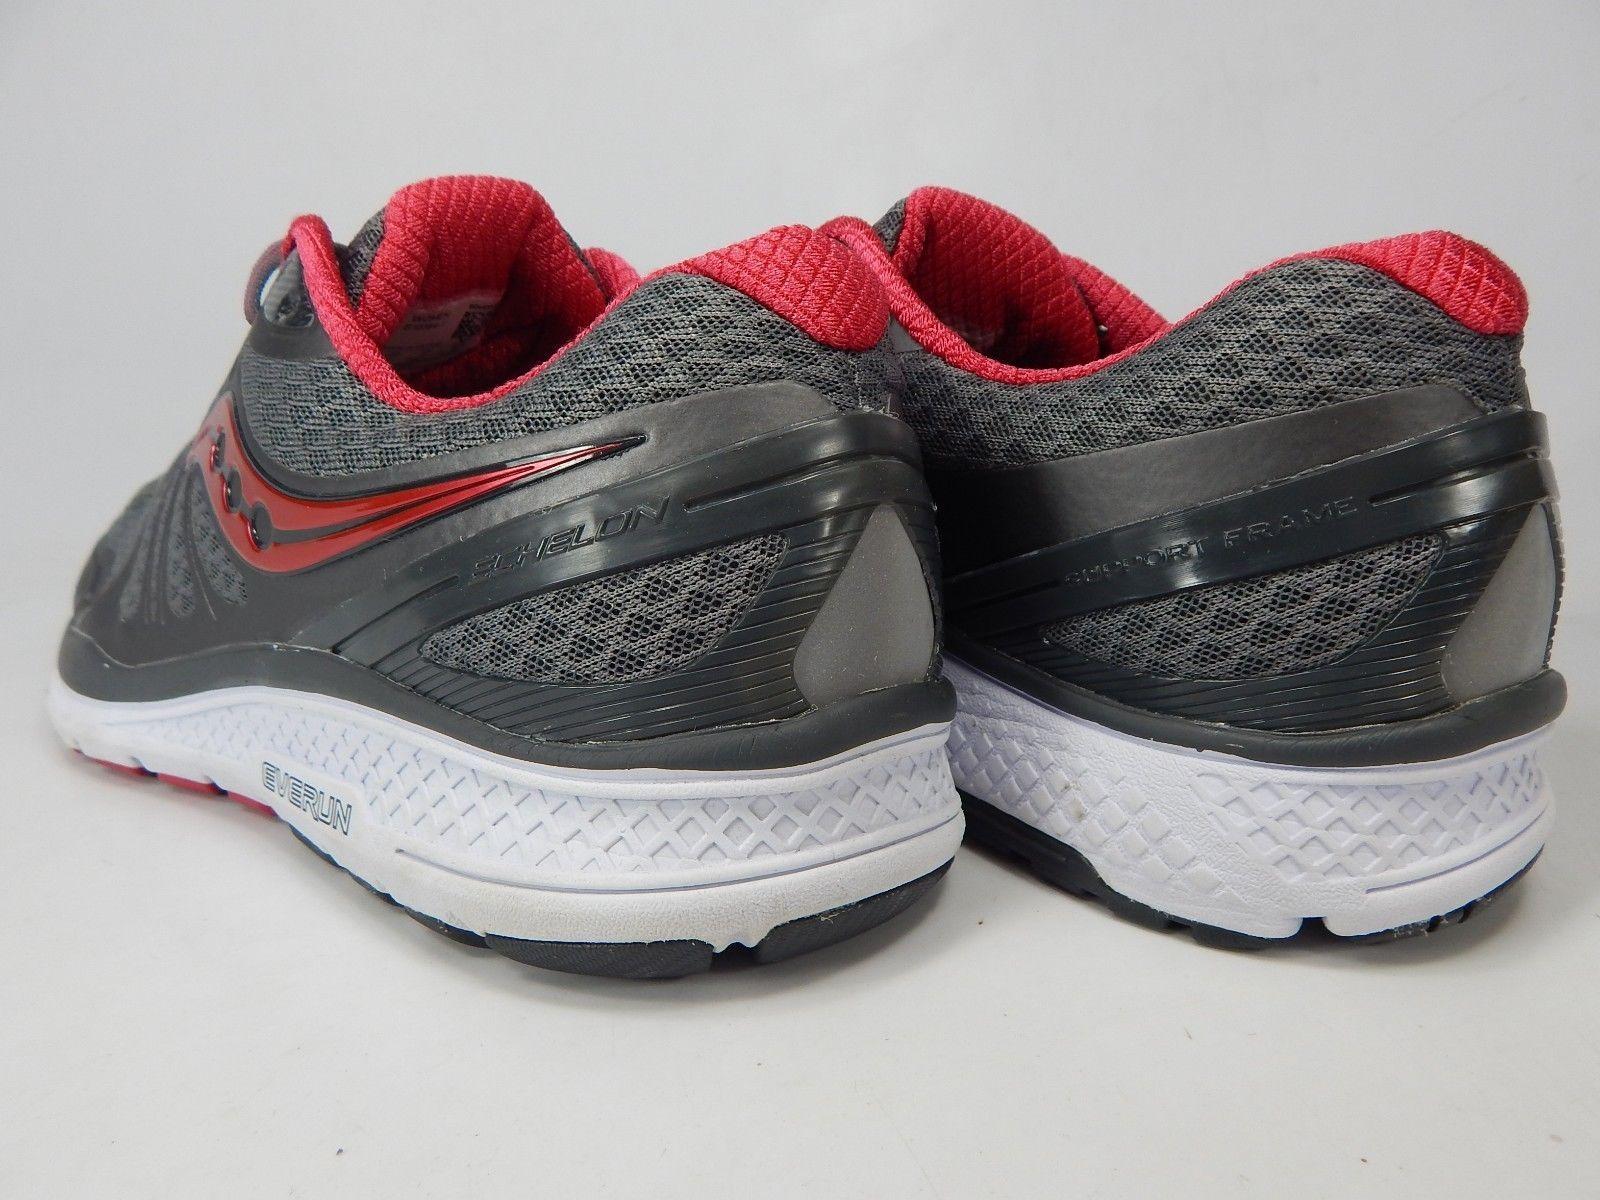 Saucony Echelon 6 Size 11 M (B) EU 43 Women's Running Shoes Red Gray S10384-1